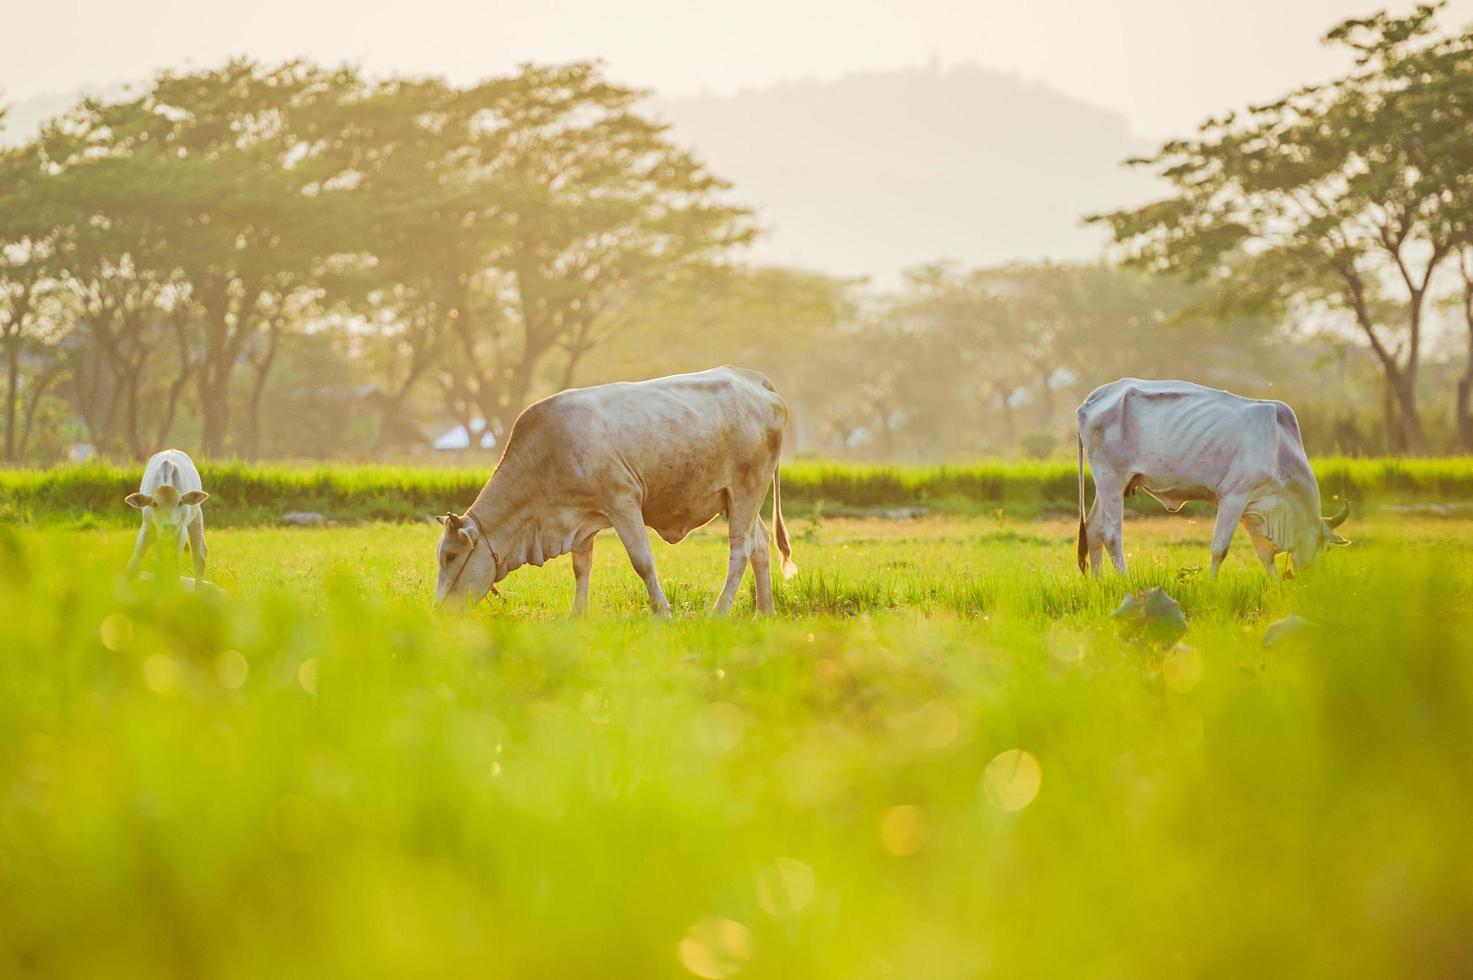 Kühe auf Ackerland foto